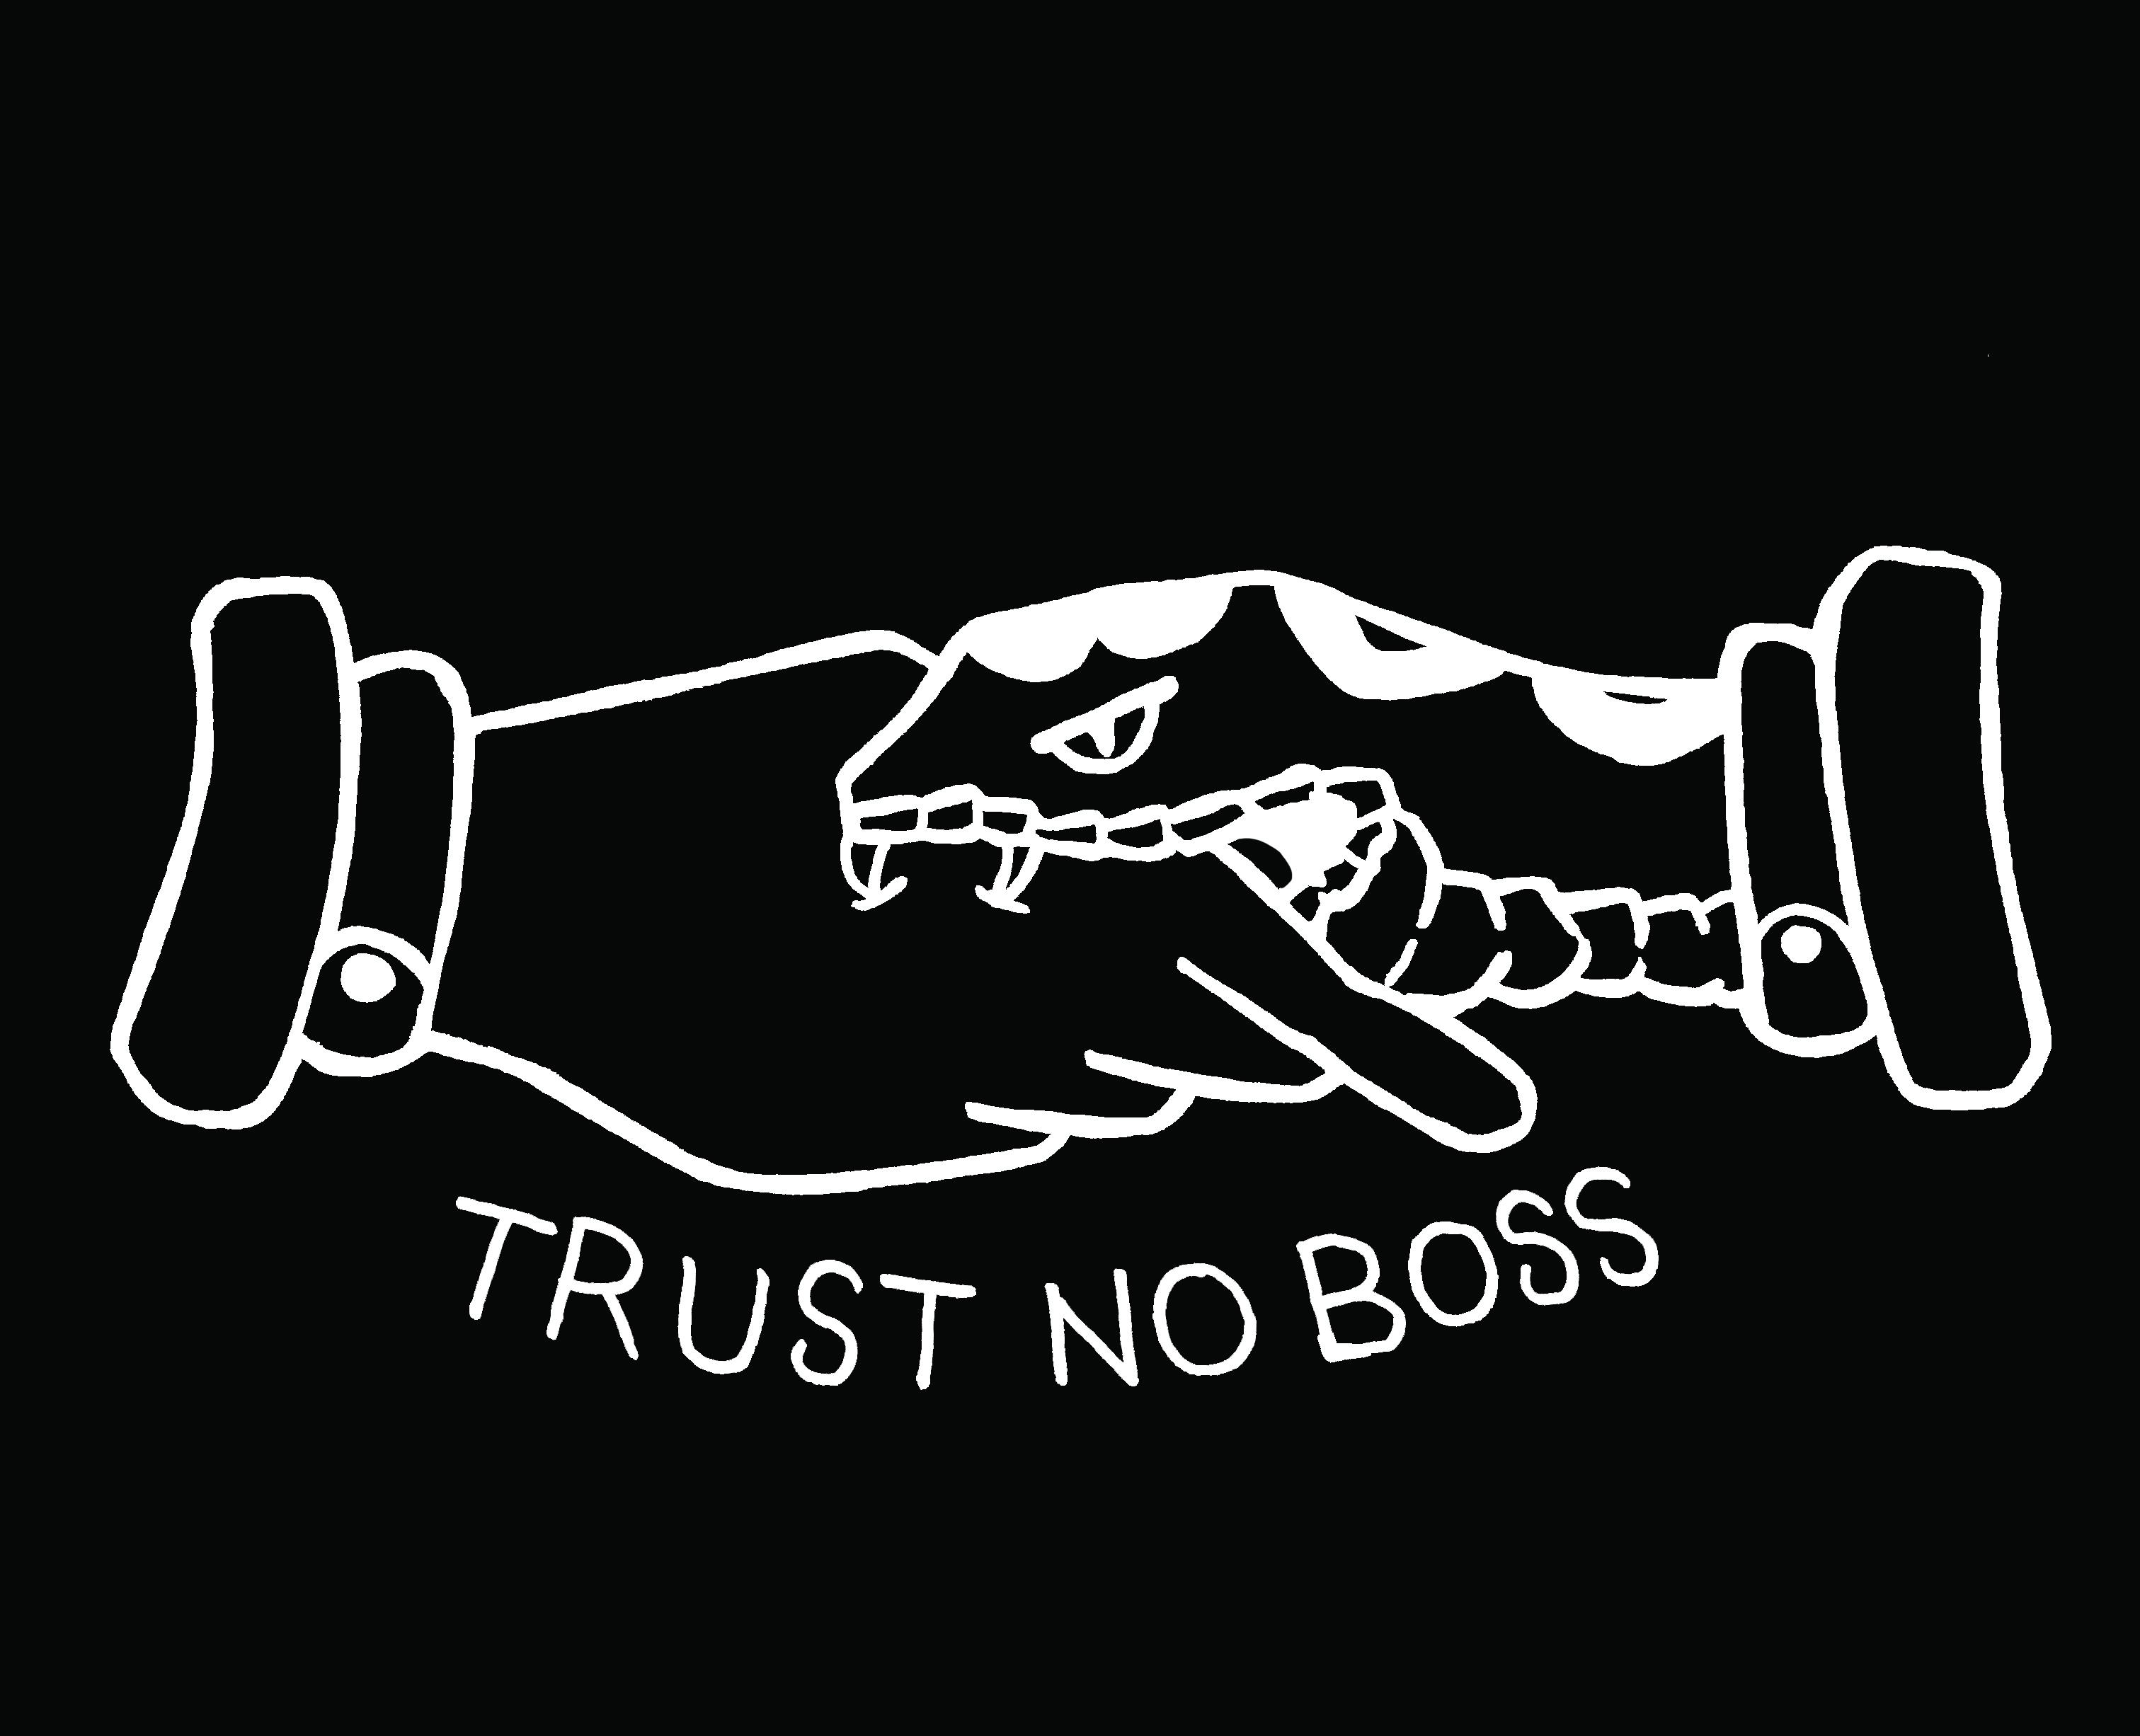 trust no boss